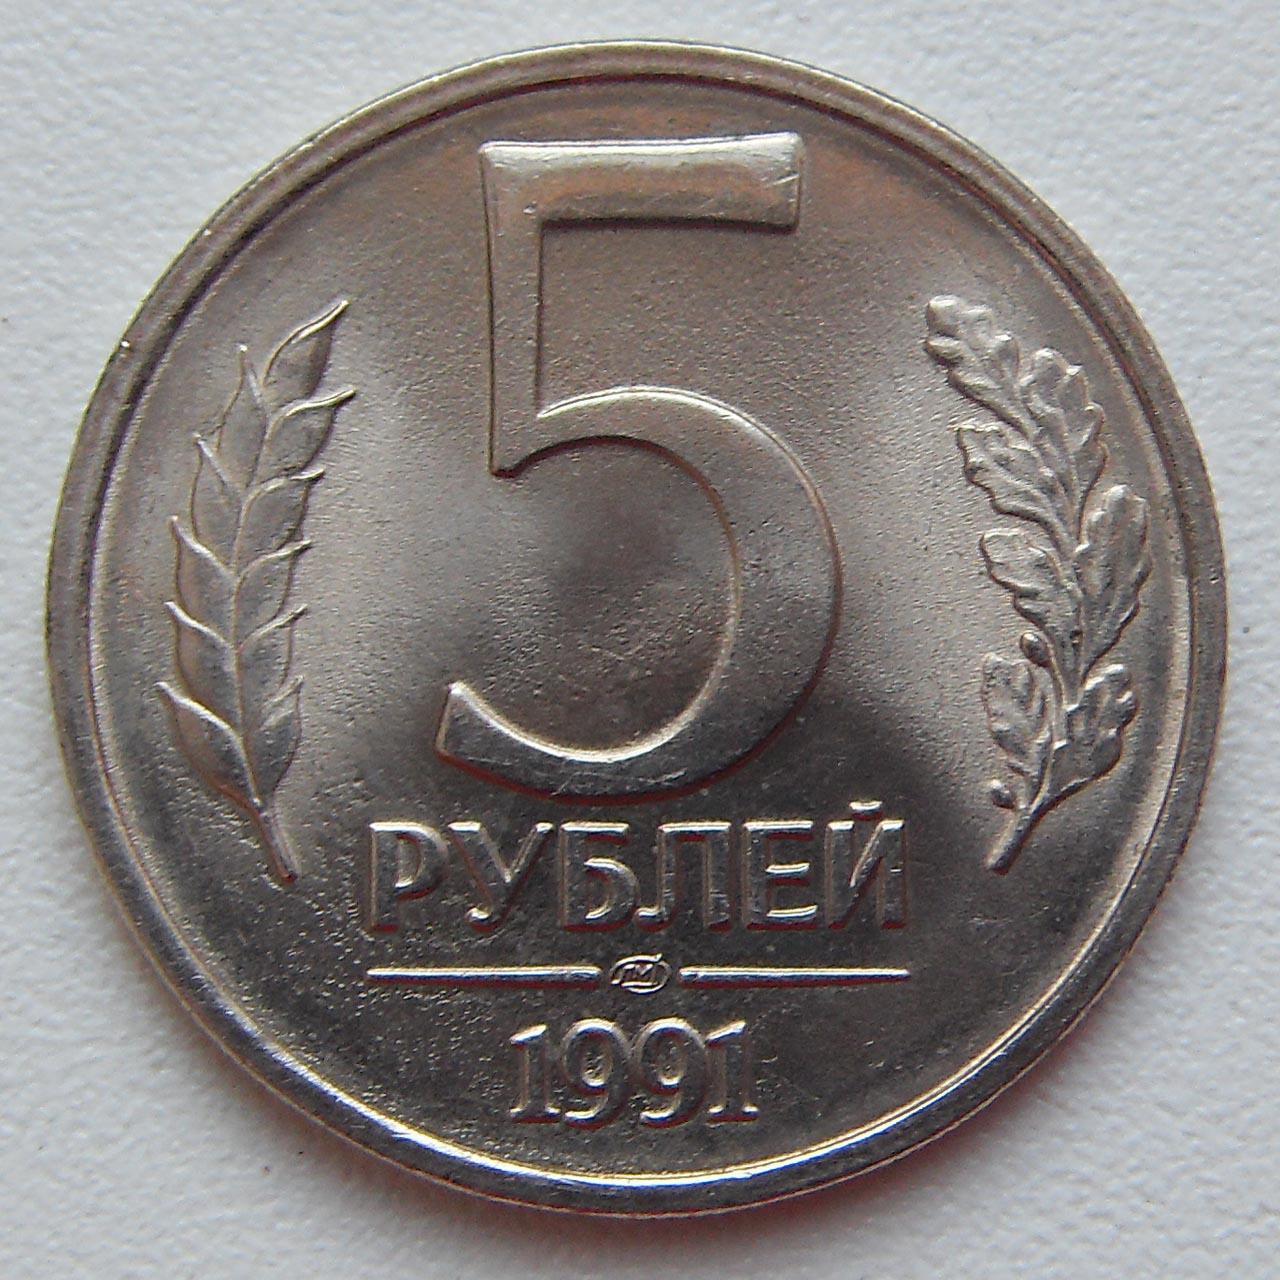 Юбилейная монета 5 рублей 1991 года скільки коштує 5 копійок 1992 року ціна